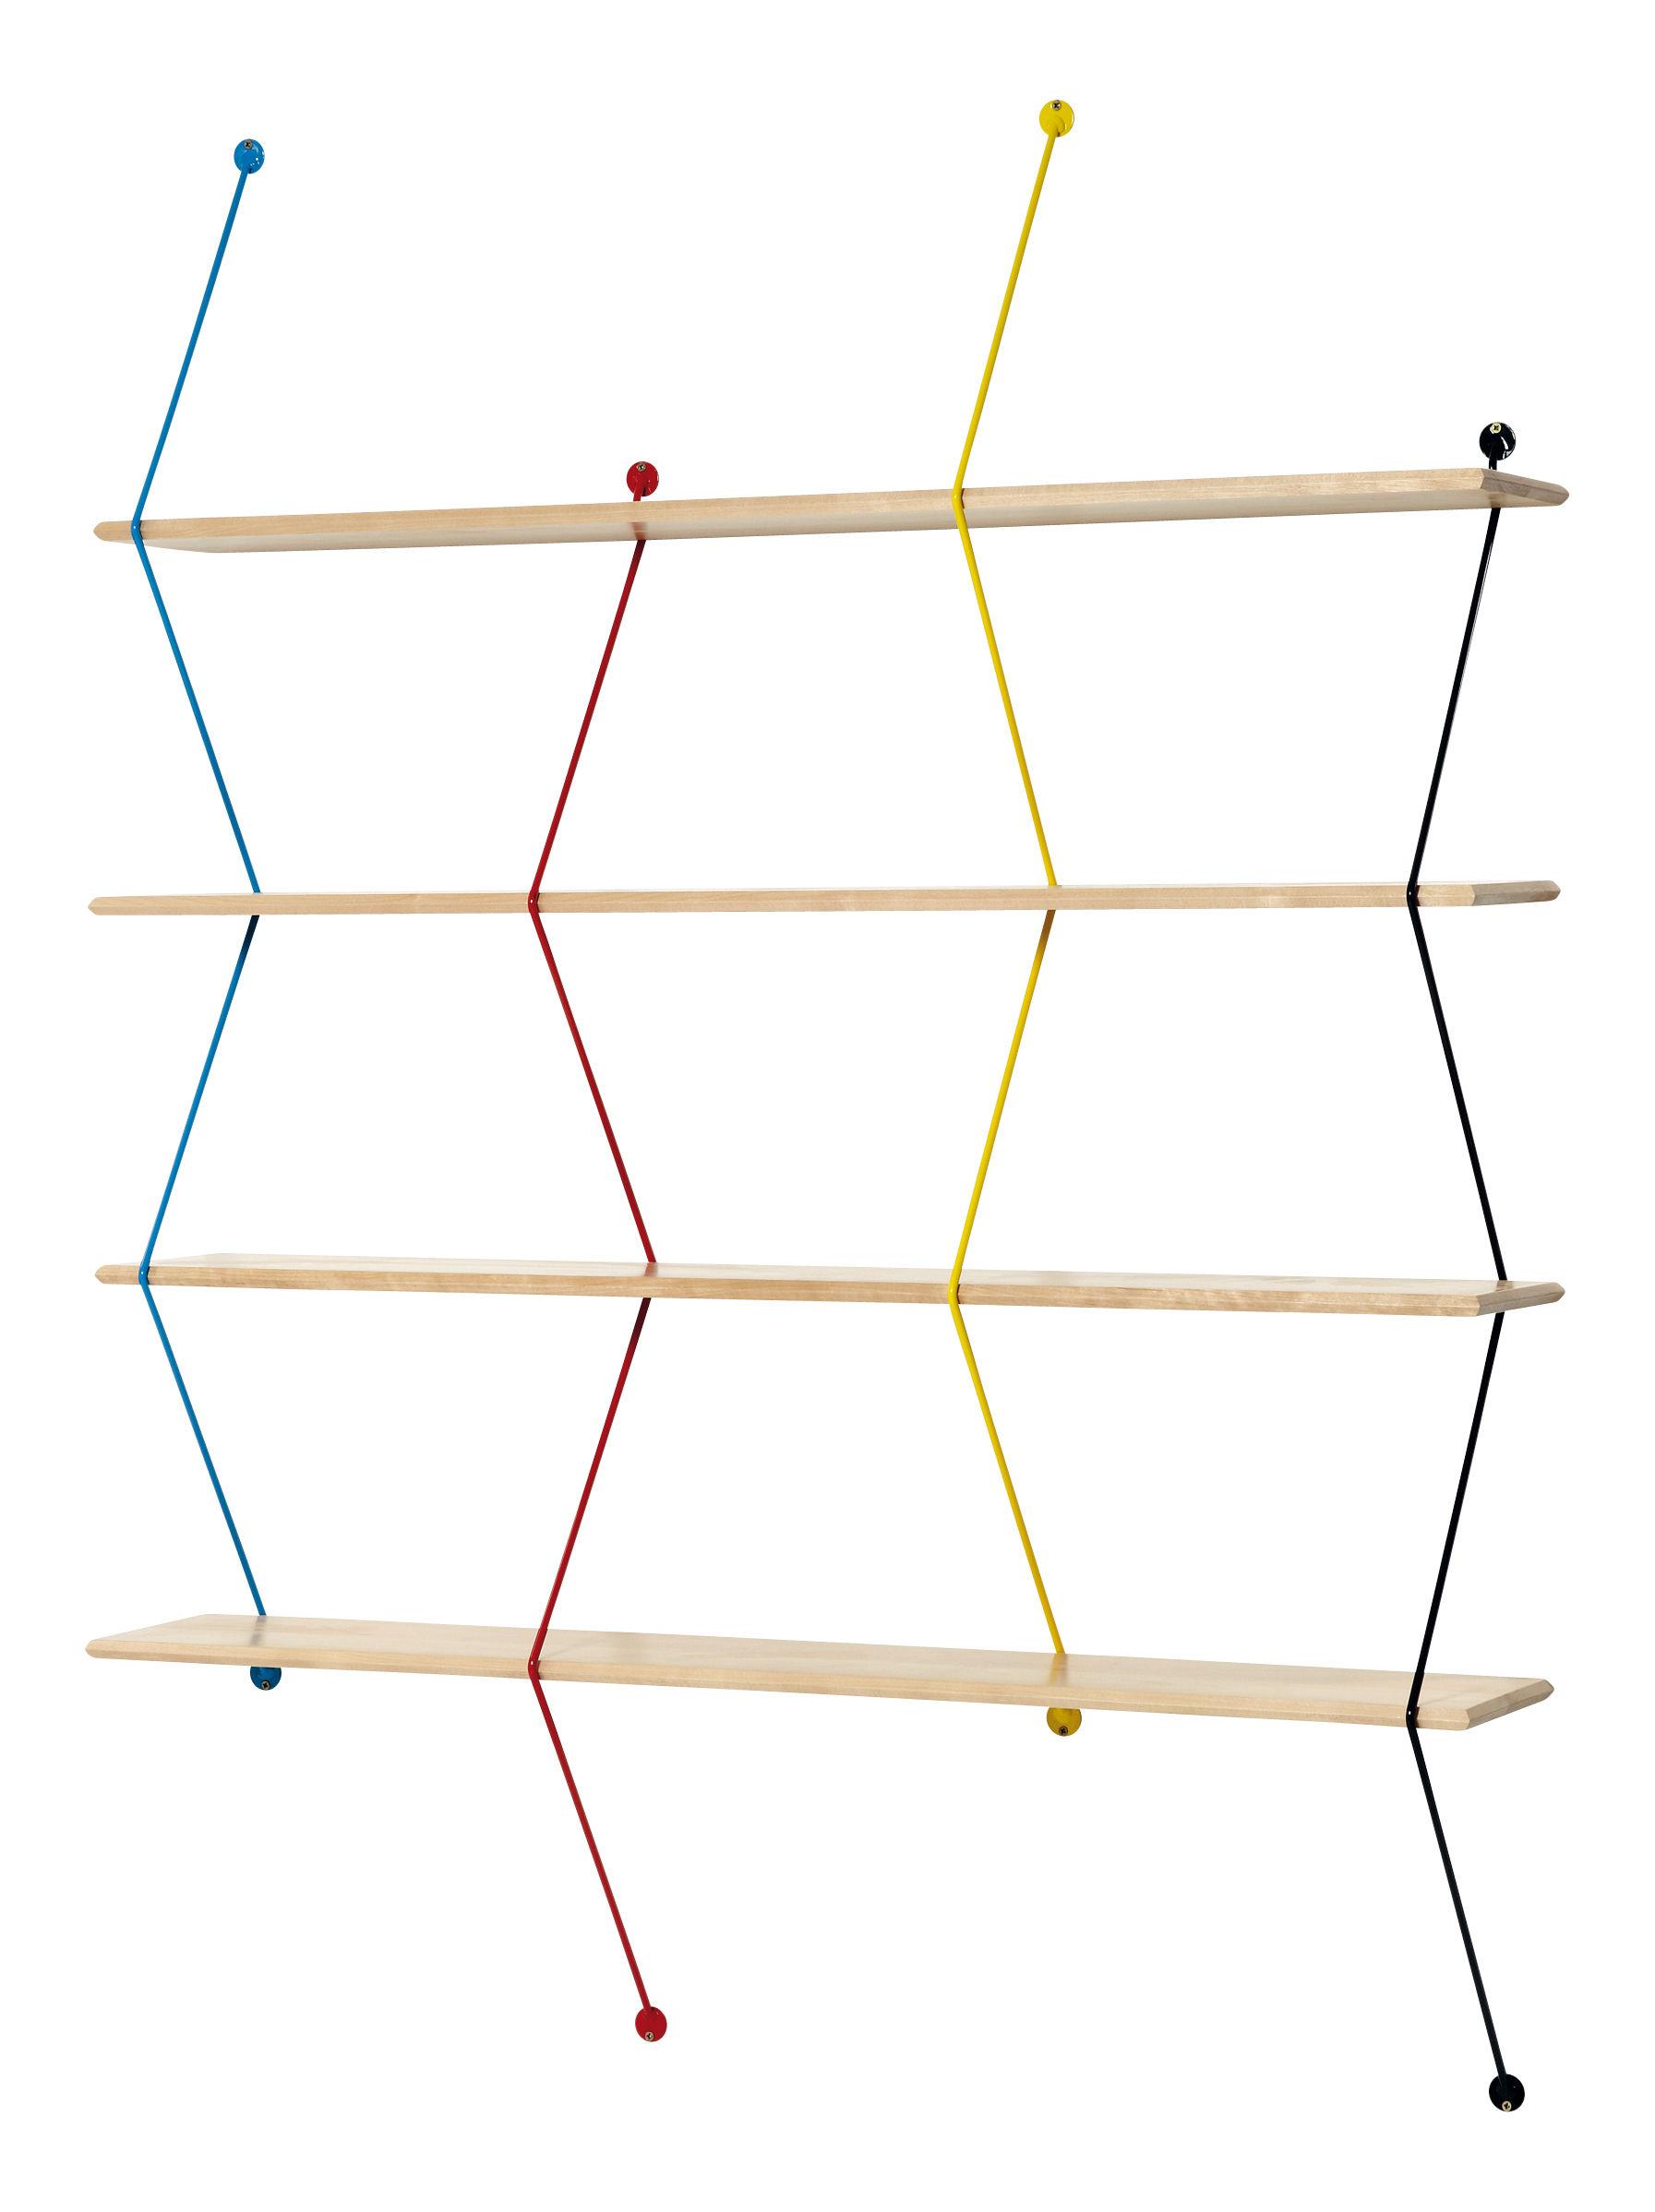 Mobilier - Etagères & bibliothèques - Etagère Climb / L 120 x H 155 cm - La Chance - Bouleau / Montants multicolores - Bouleau massif, Métal